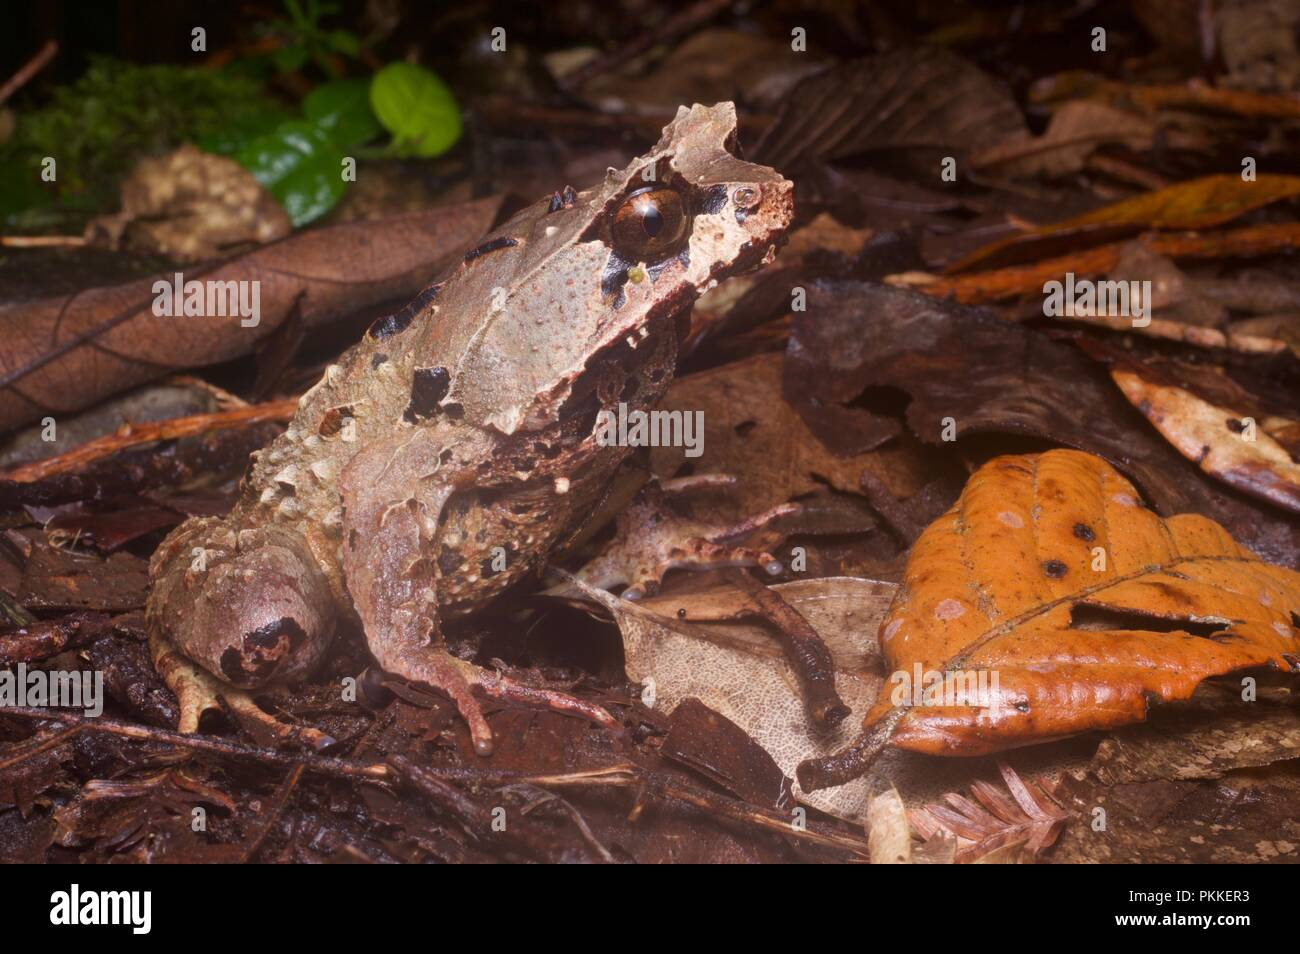 A Kobayashi's Horned Frog (Megophrys kobayashii) in the leaf litter of Kinabalu Park, Sabah, East Malaysia, Borneo - Stock Image